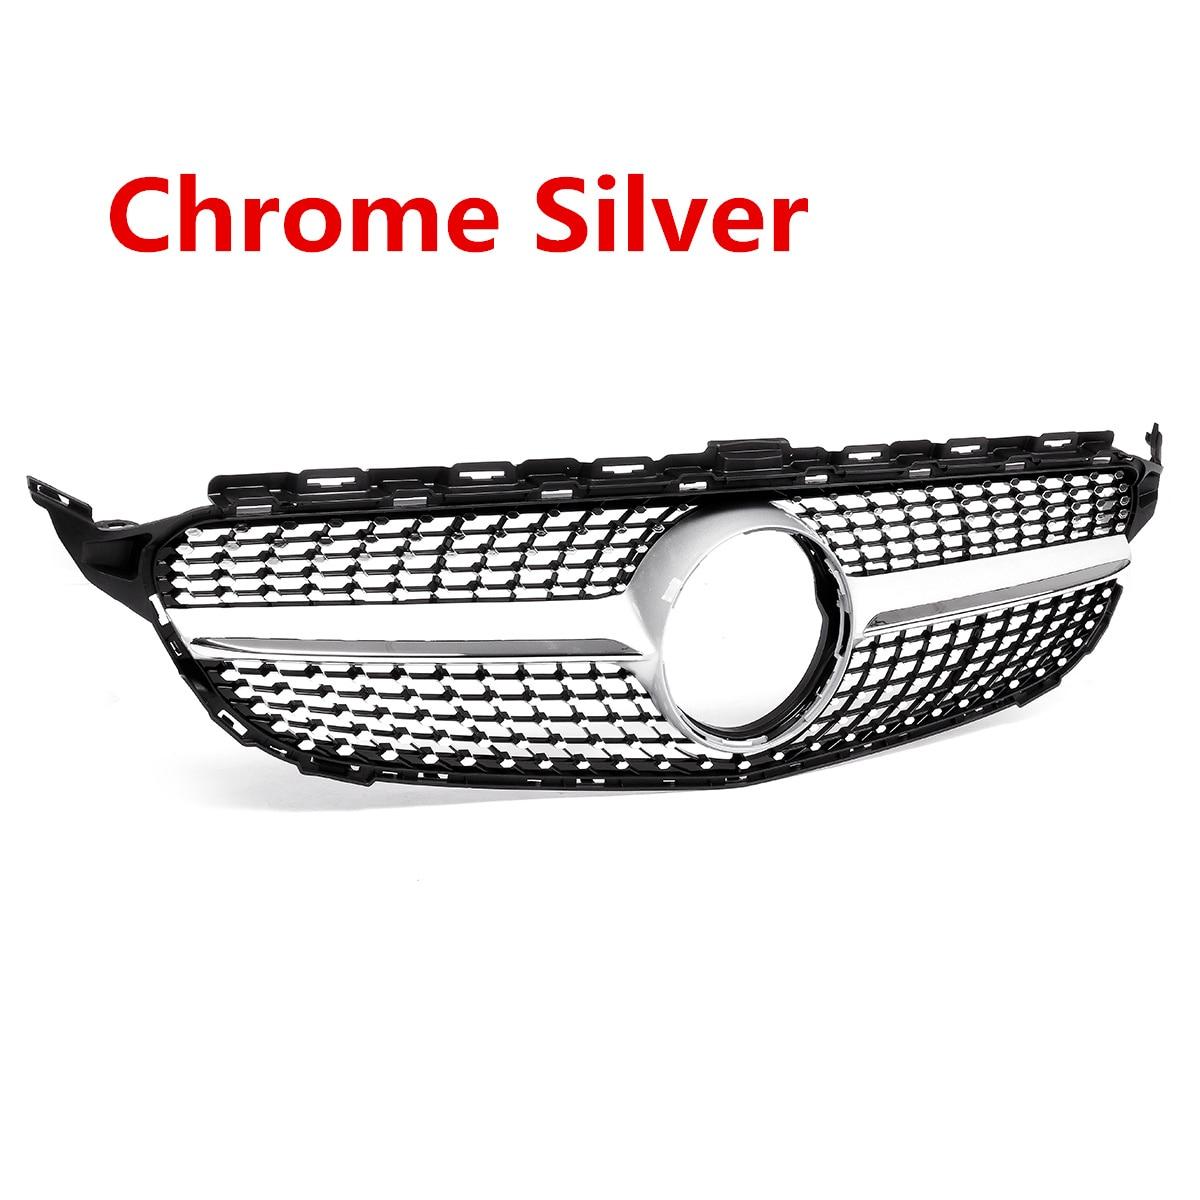 Алмазный Стиль W205 Автомобильная Передняя решетка решетки для Mercedes для Benz C Class W205 C200 C250 C300 C350 2015 18 без камеры - 2